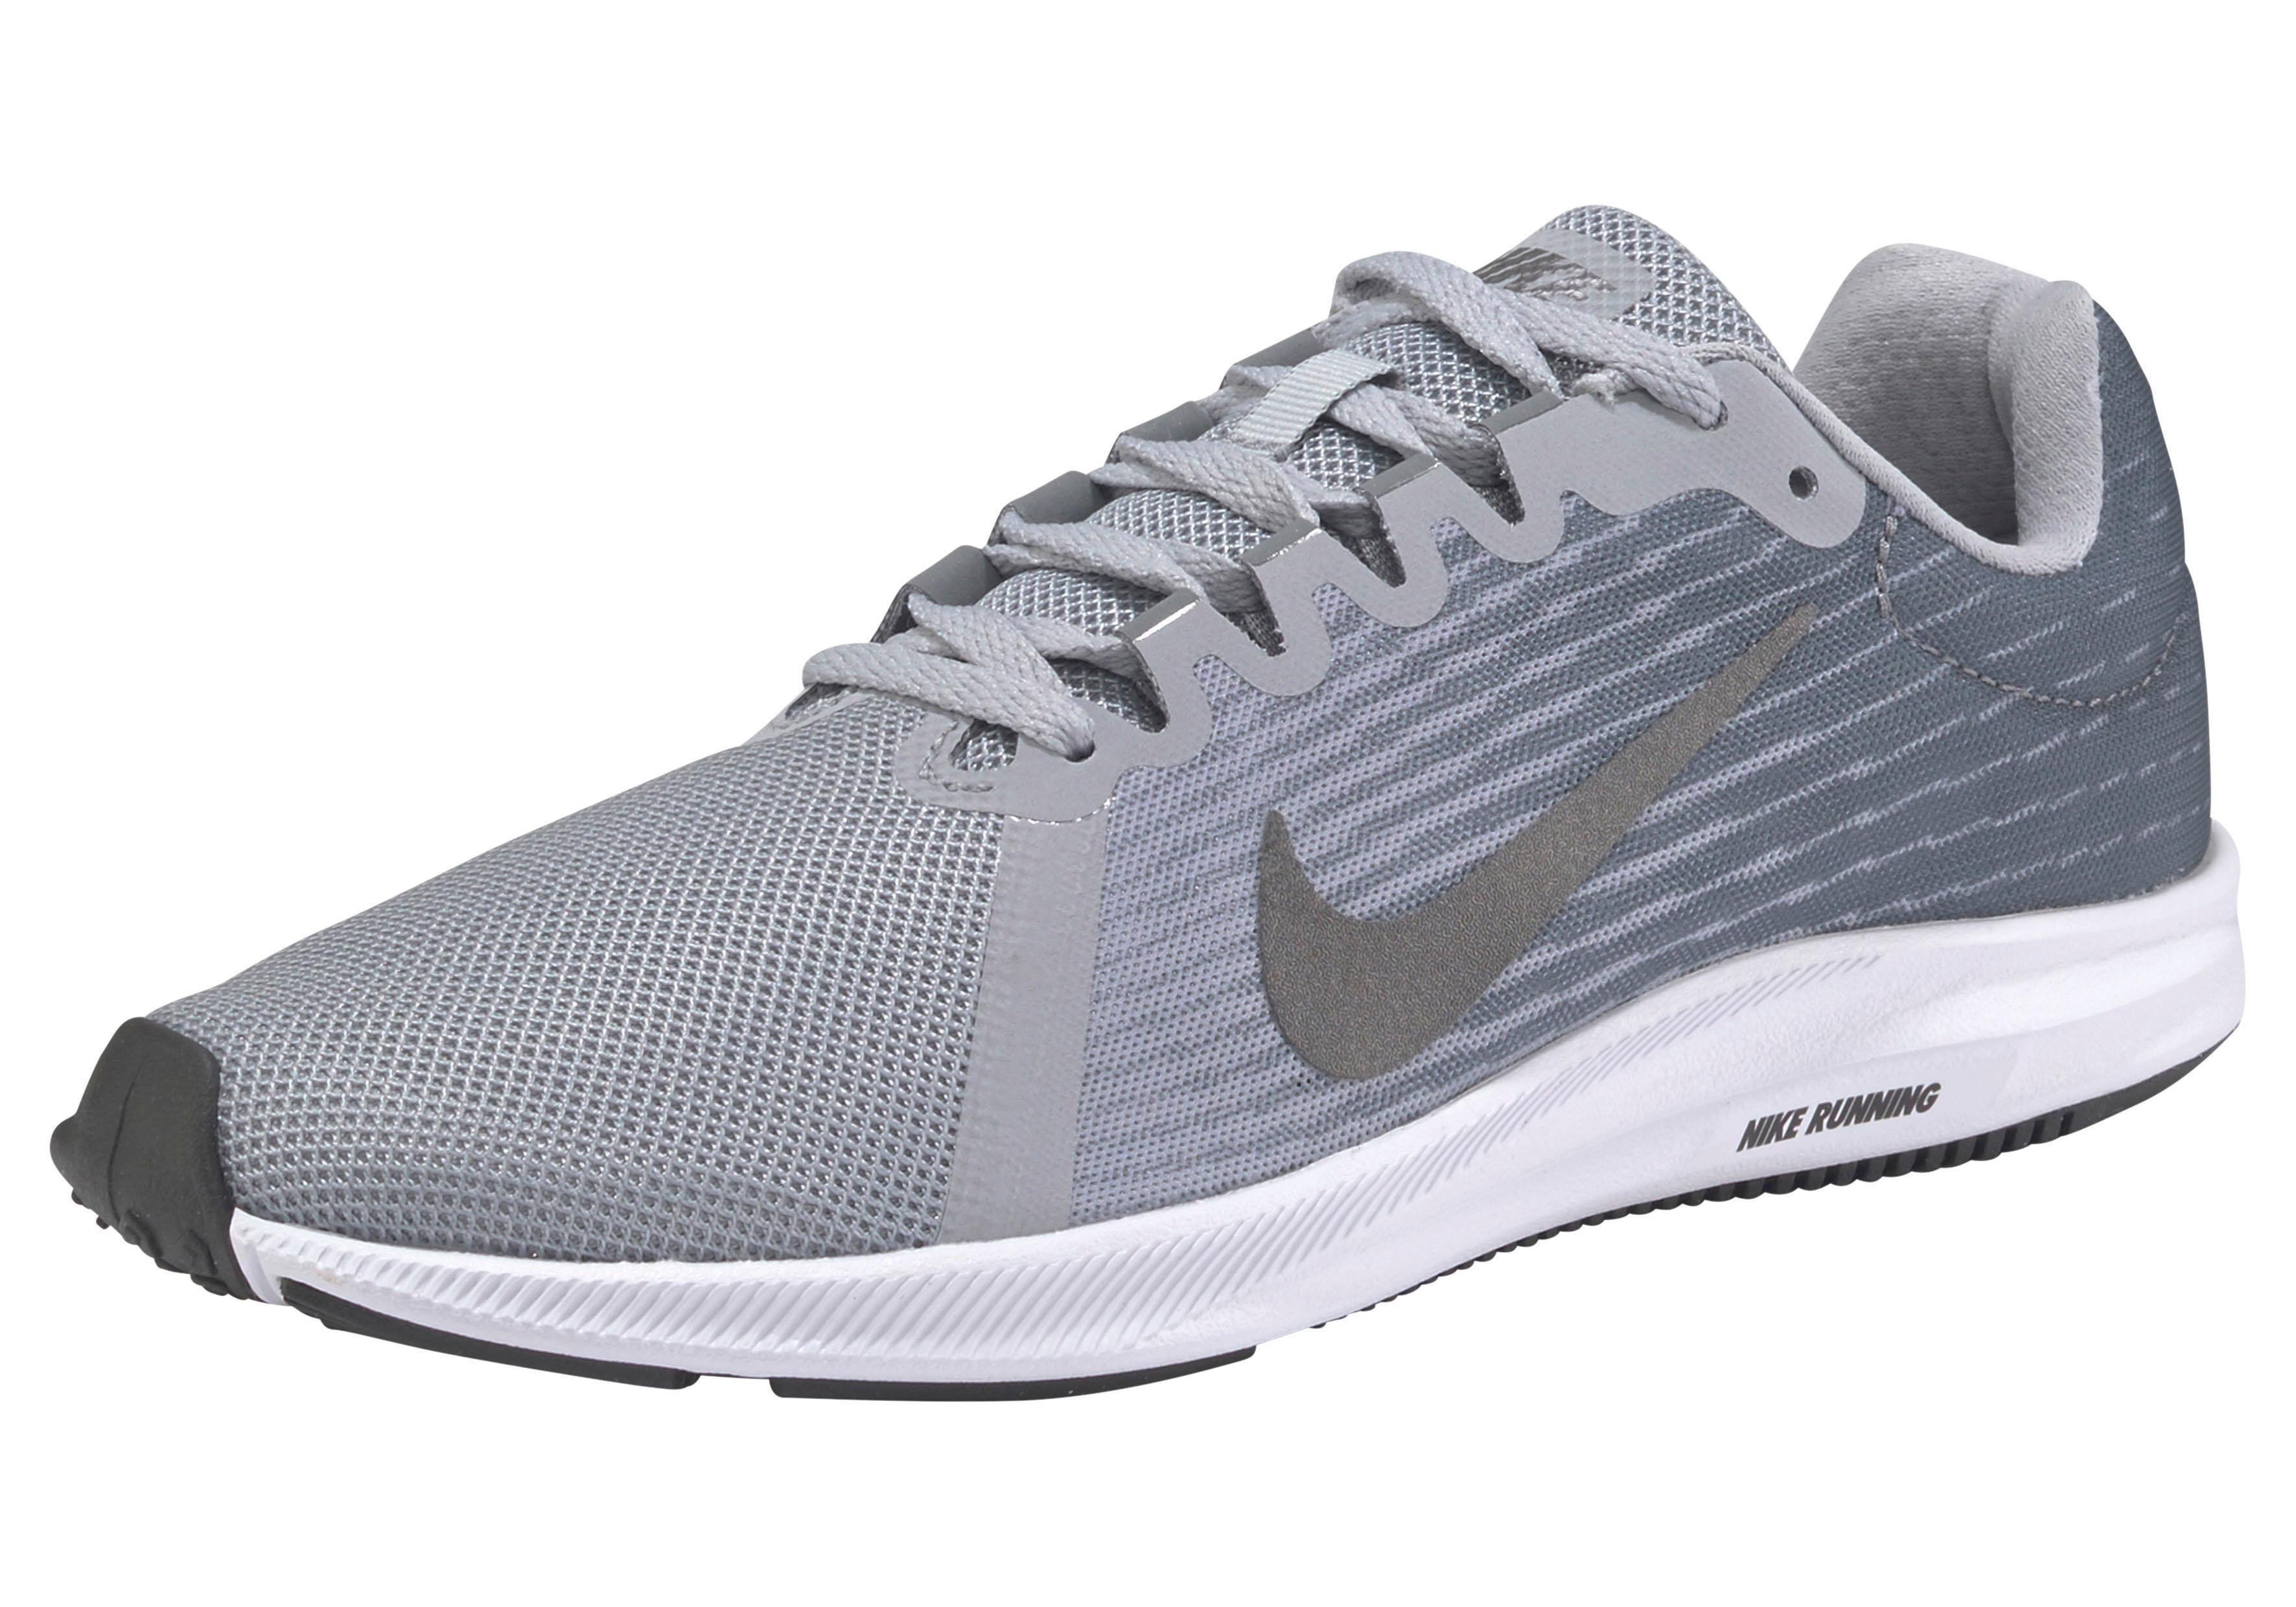 newest collection 5df58 4b611 ... Nike runningschoenen »Wmns Flex Experience Run 8«, Reebok  runningschoenen »Lite W«, adidas runningschoenen »Duramo Lite 2.0 W«, adidas  Originals, ...